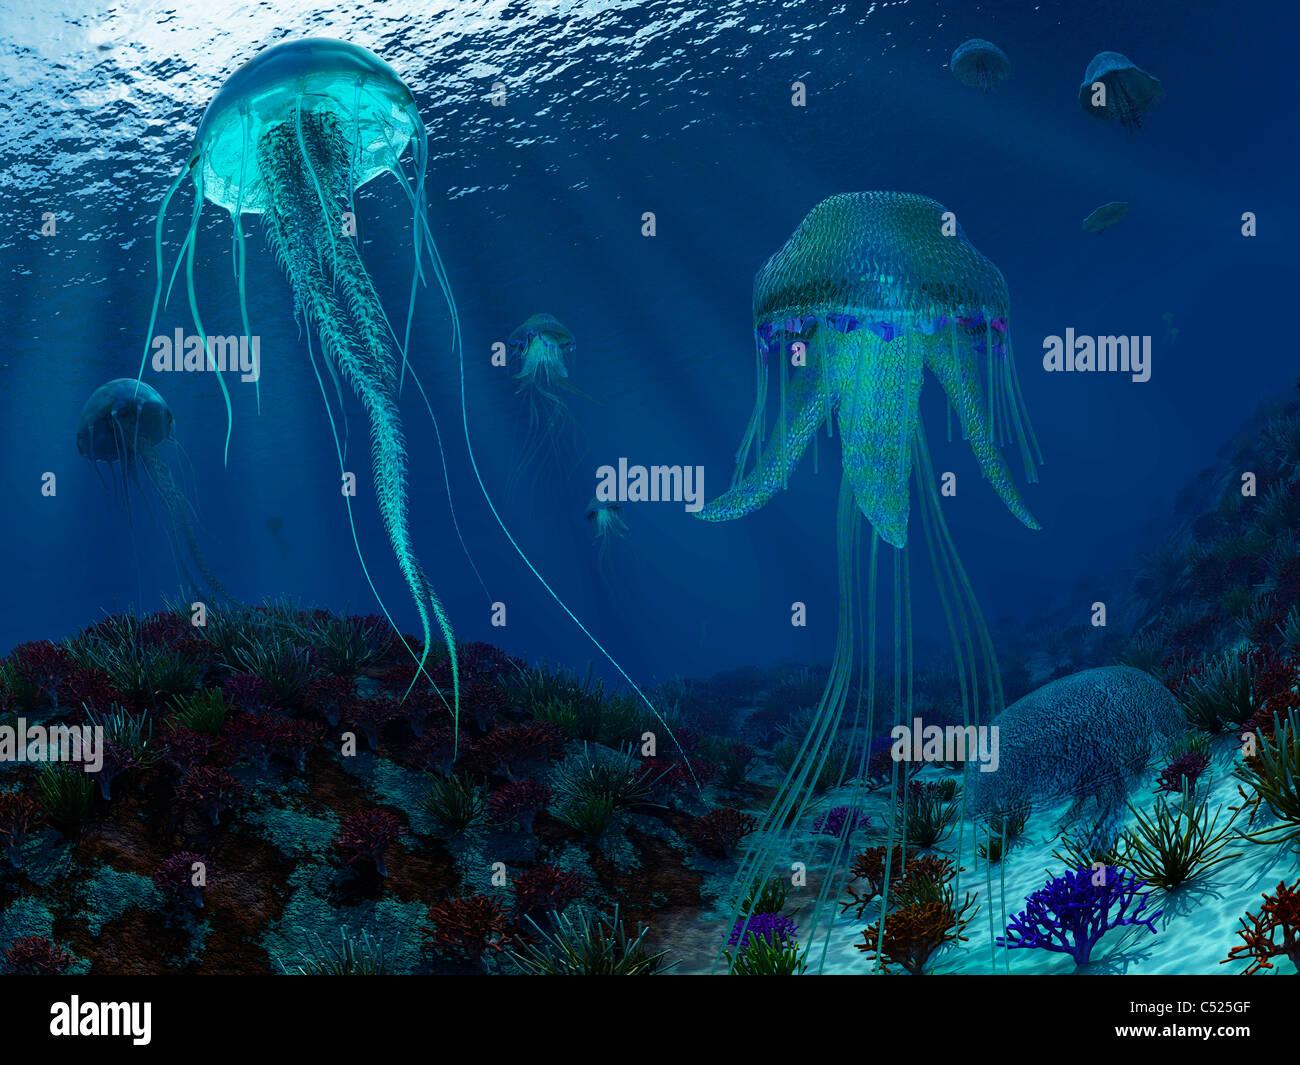 Un essaim de méduses nager le Panthalassic océan. Photo Stock